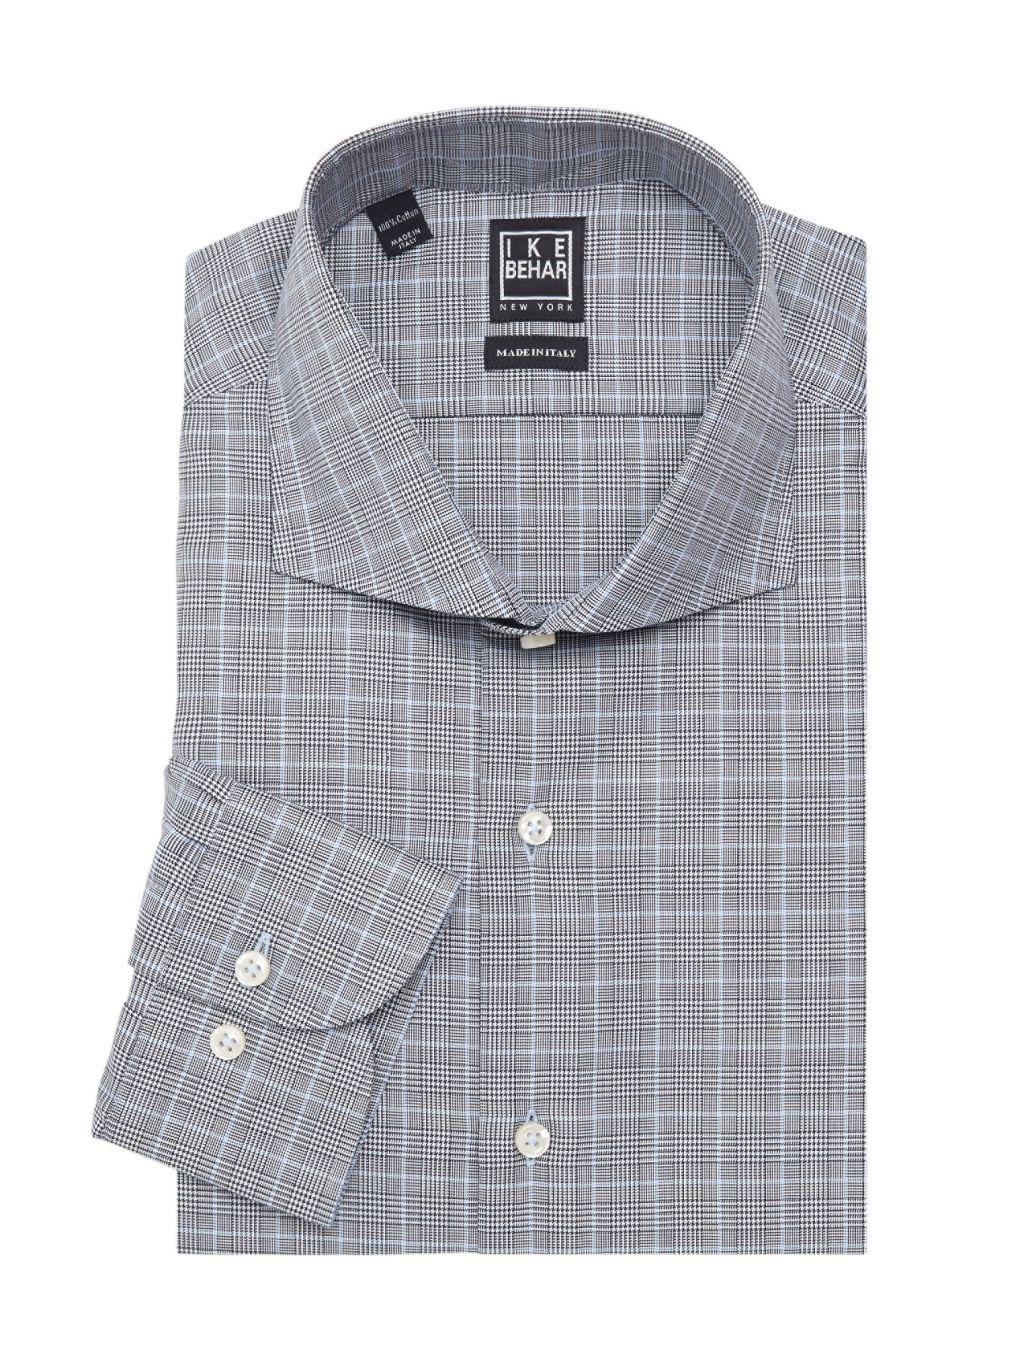 IKE by Ike Behar Fredrick Plaid Collared Shirt